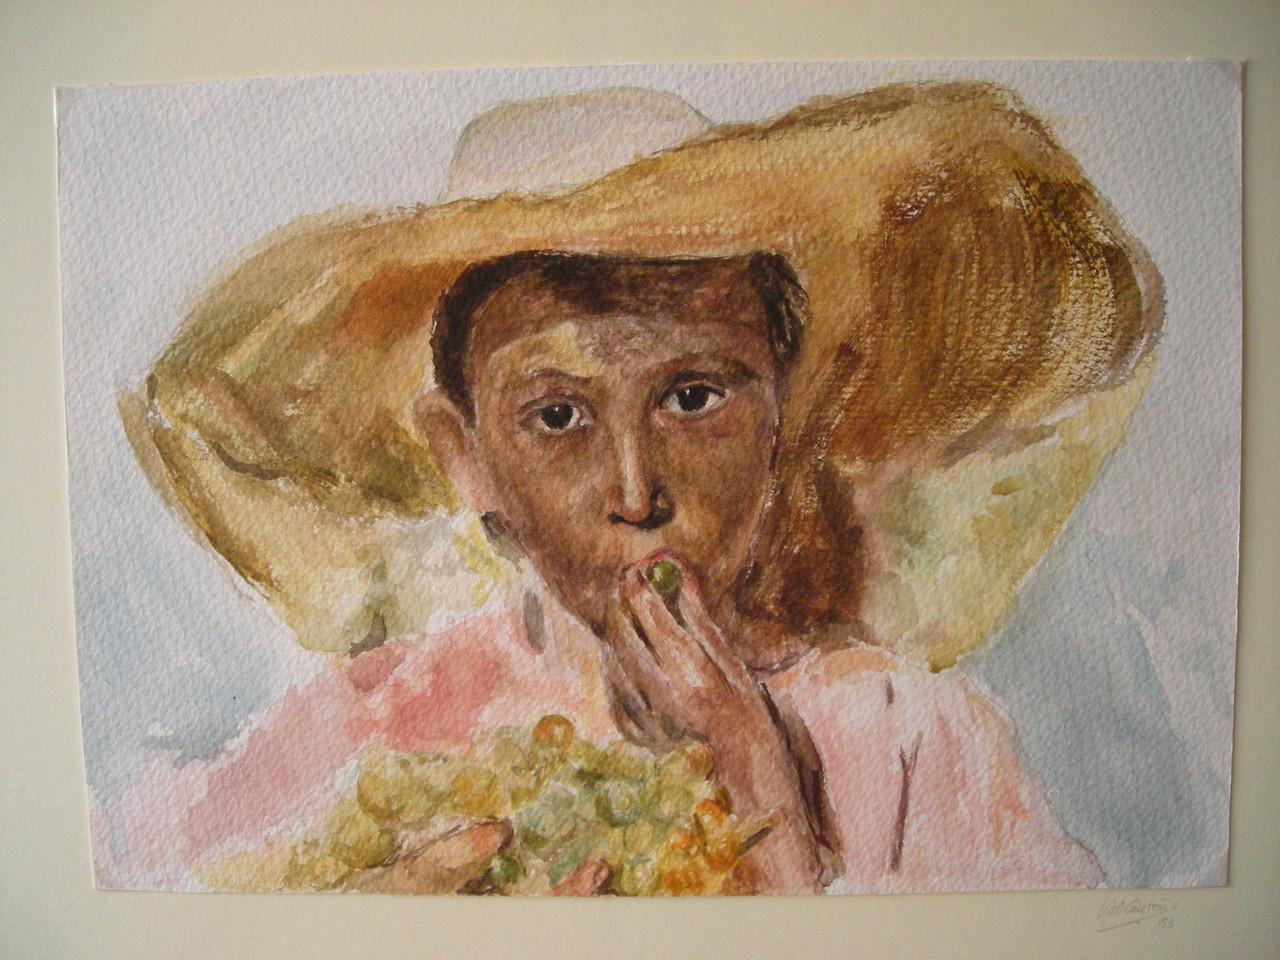 Niño comiendo uvas. Reproducción obra de Joaquín Sorolla. Acuarela/papel.